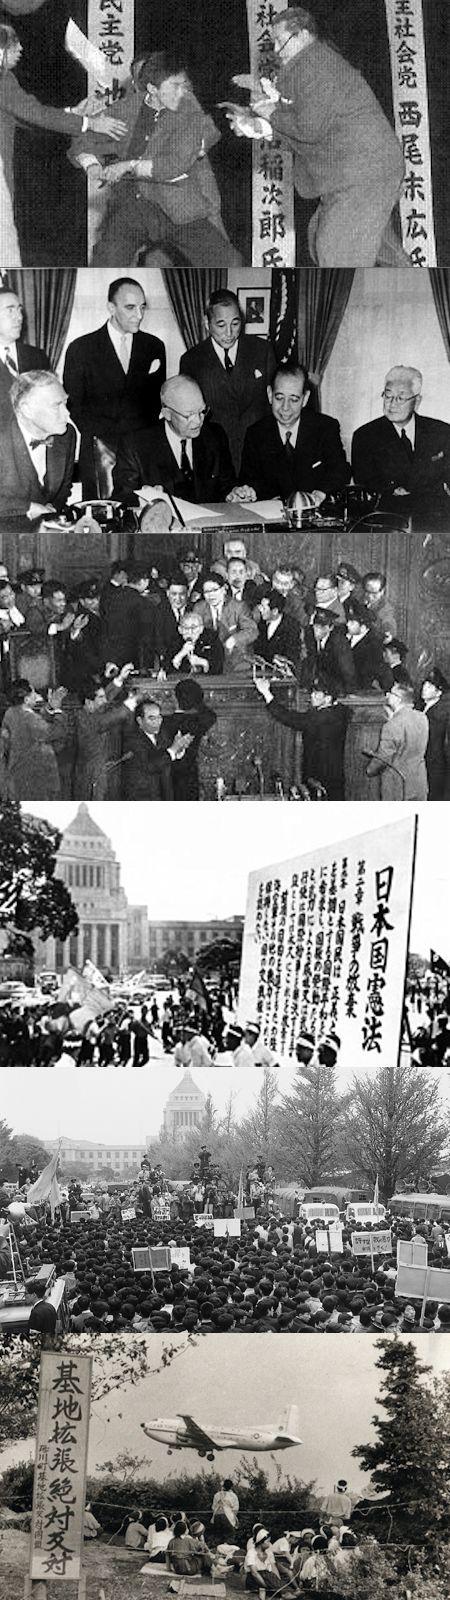 戦後民主主義と憲法9条 - ジョン・ダワー、小熊英二、丸山真男、両陛下_c0315619_15461777.jpg